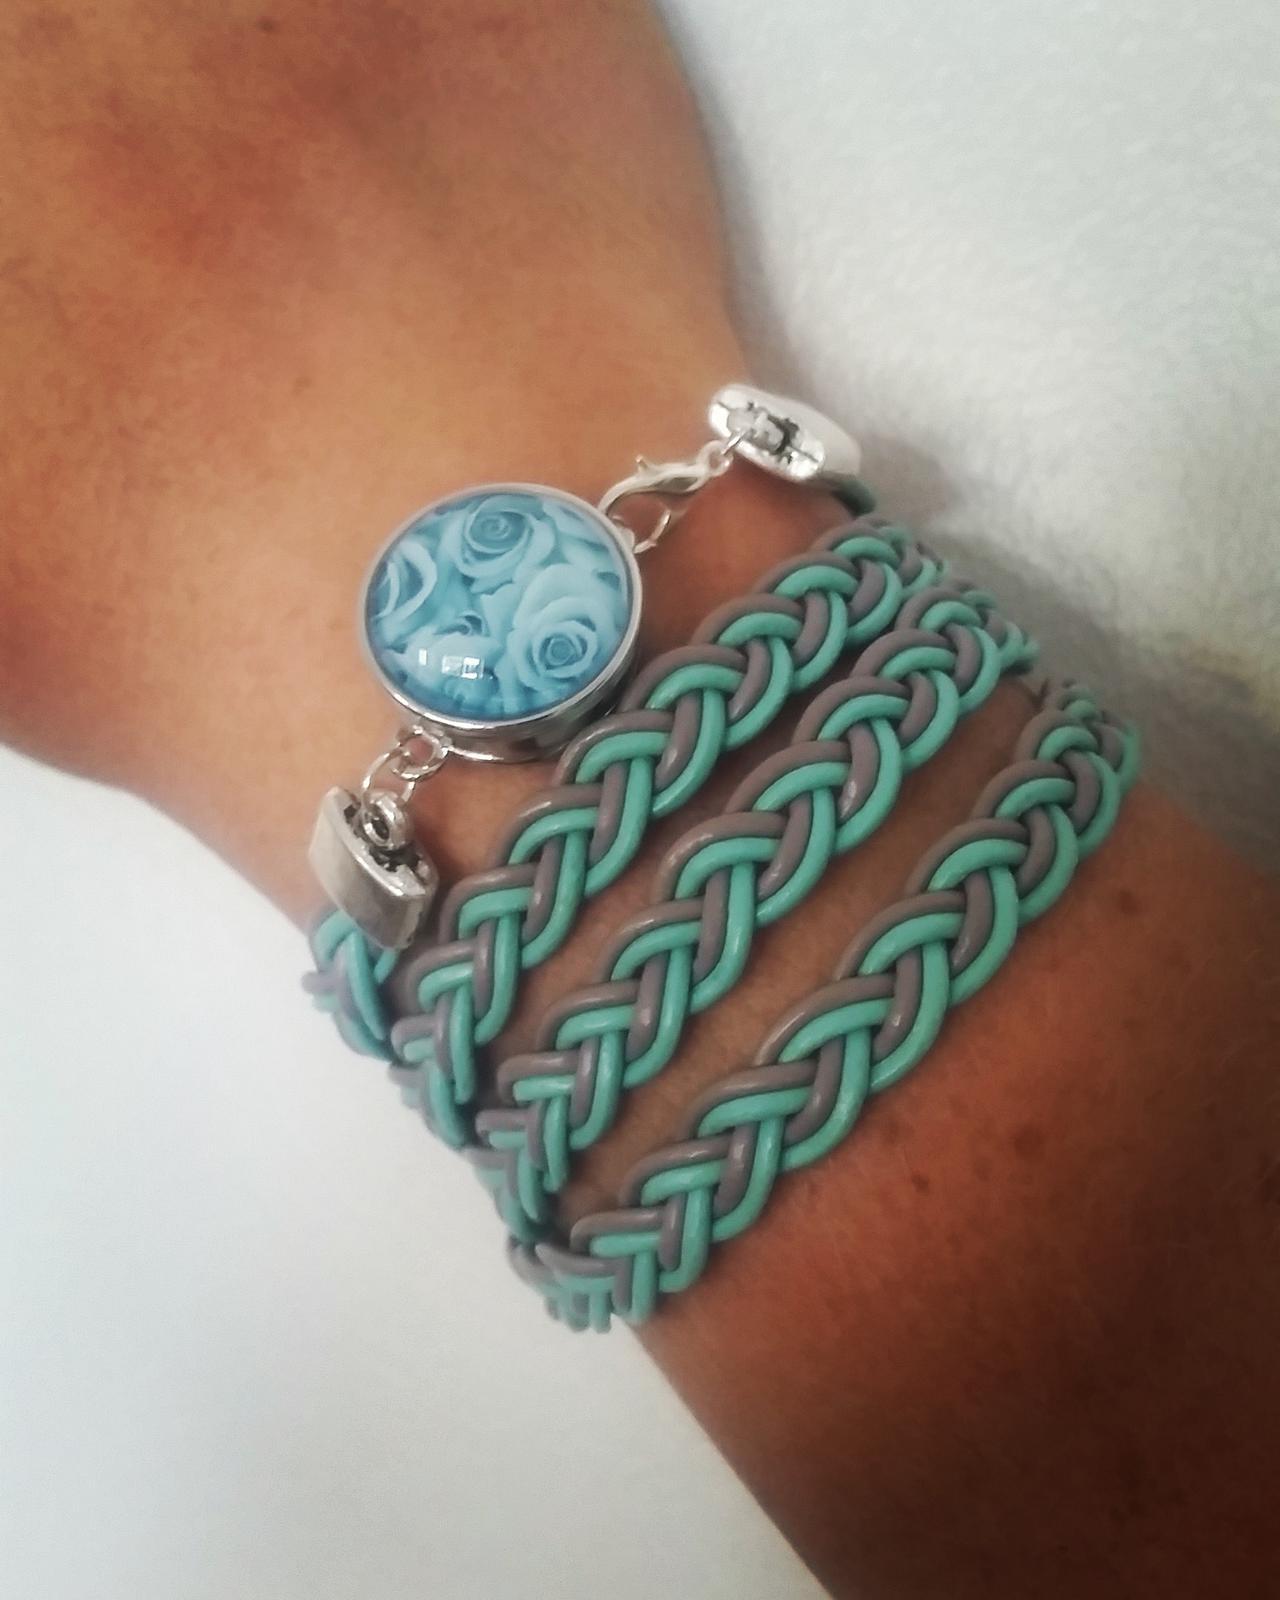 braided bracelet / anklet